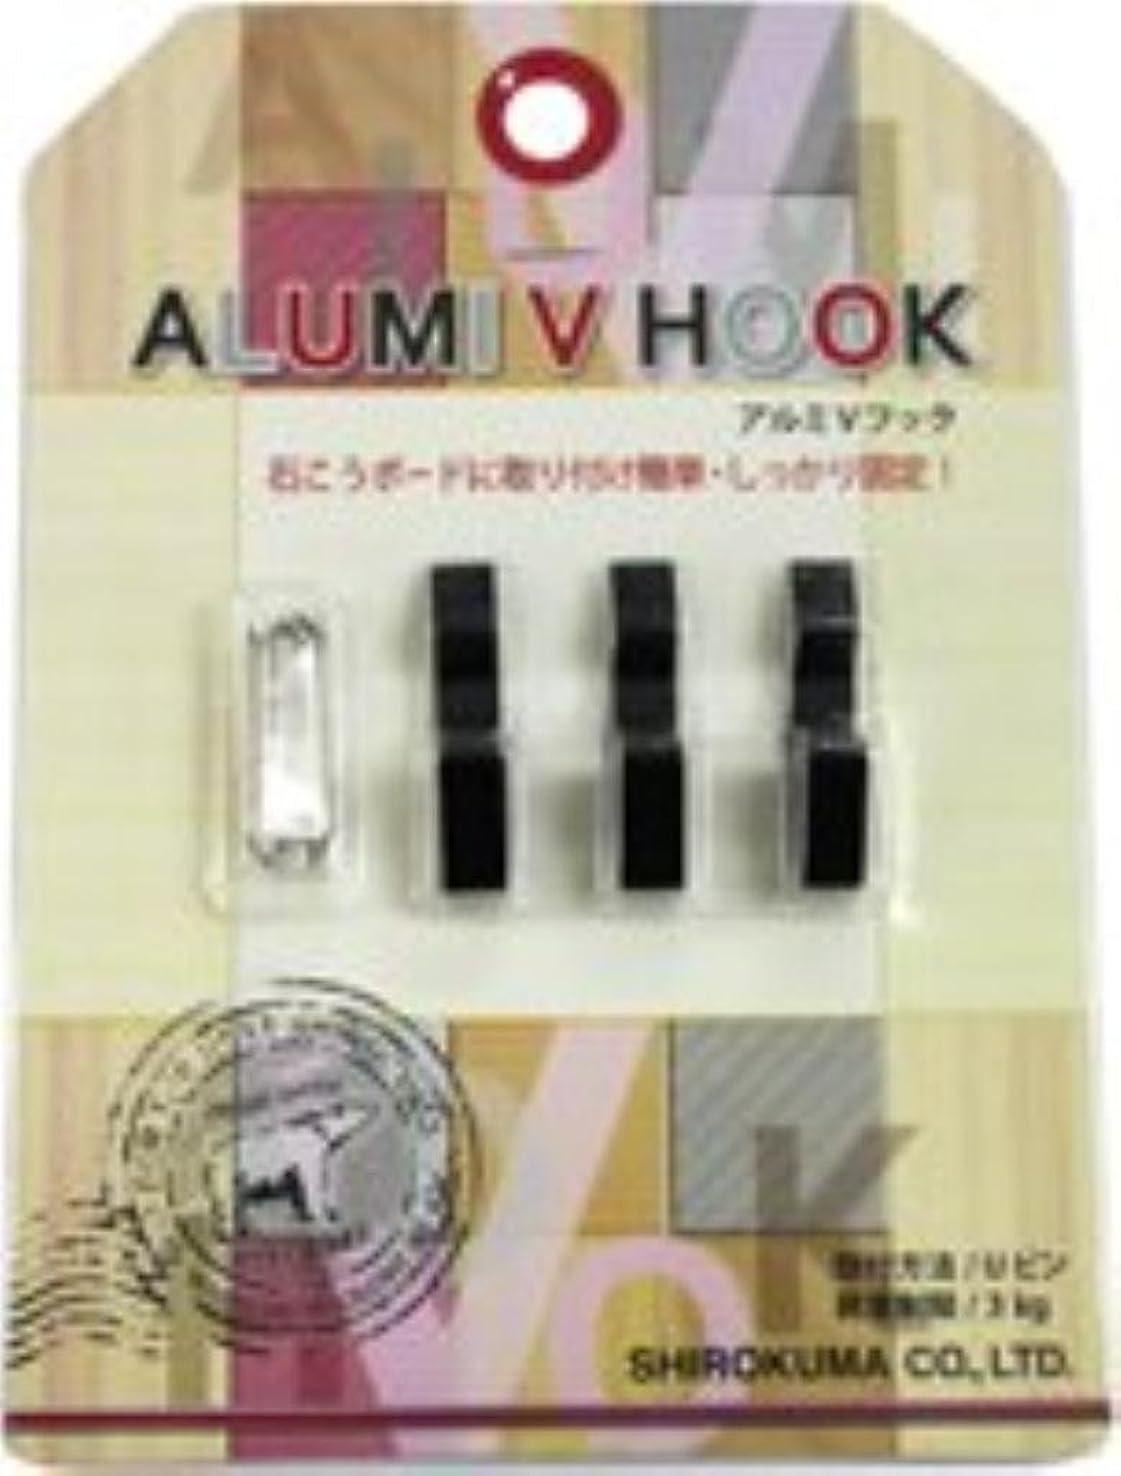 世界的にまたはどちらか夫婦【5パックセット】壁掛けフック アルミVフック (1パック3個入り) Uピンタイプ 黒 シロクマ 日本製